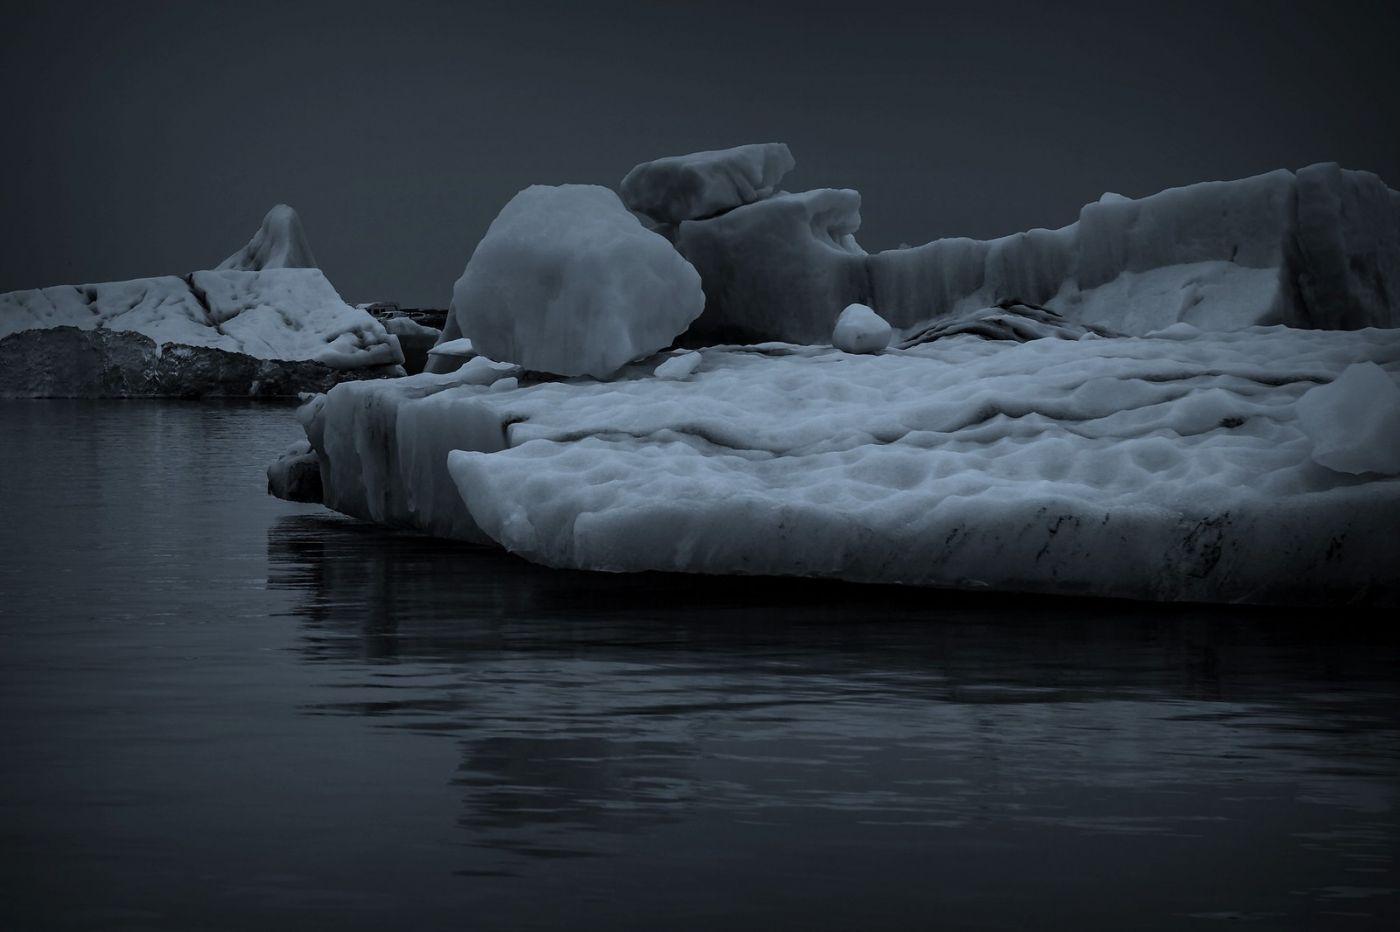 冰岛冰川泻湖(Glacier Lagoon), 湖面上冰川_图1-9